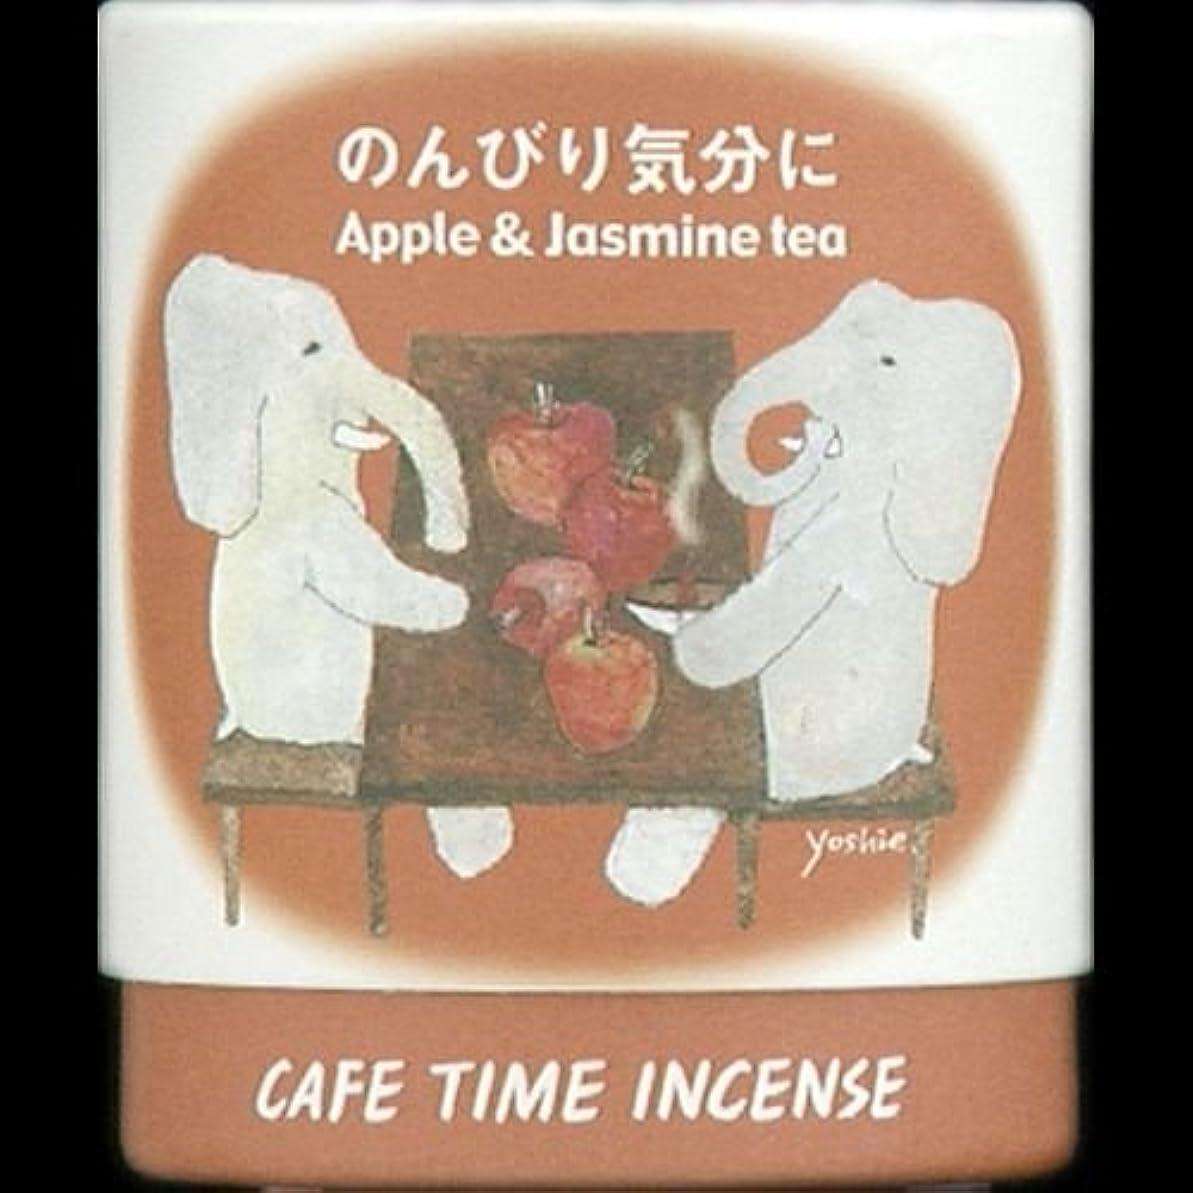 値する異常なフルーツ【まとめ買い】カフェタイム インセンス のんびり気分に コーン10個入 ×2セット